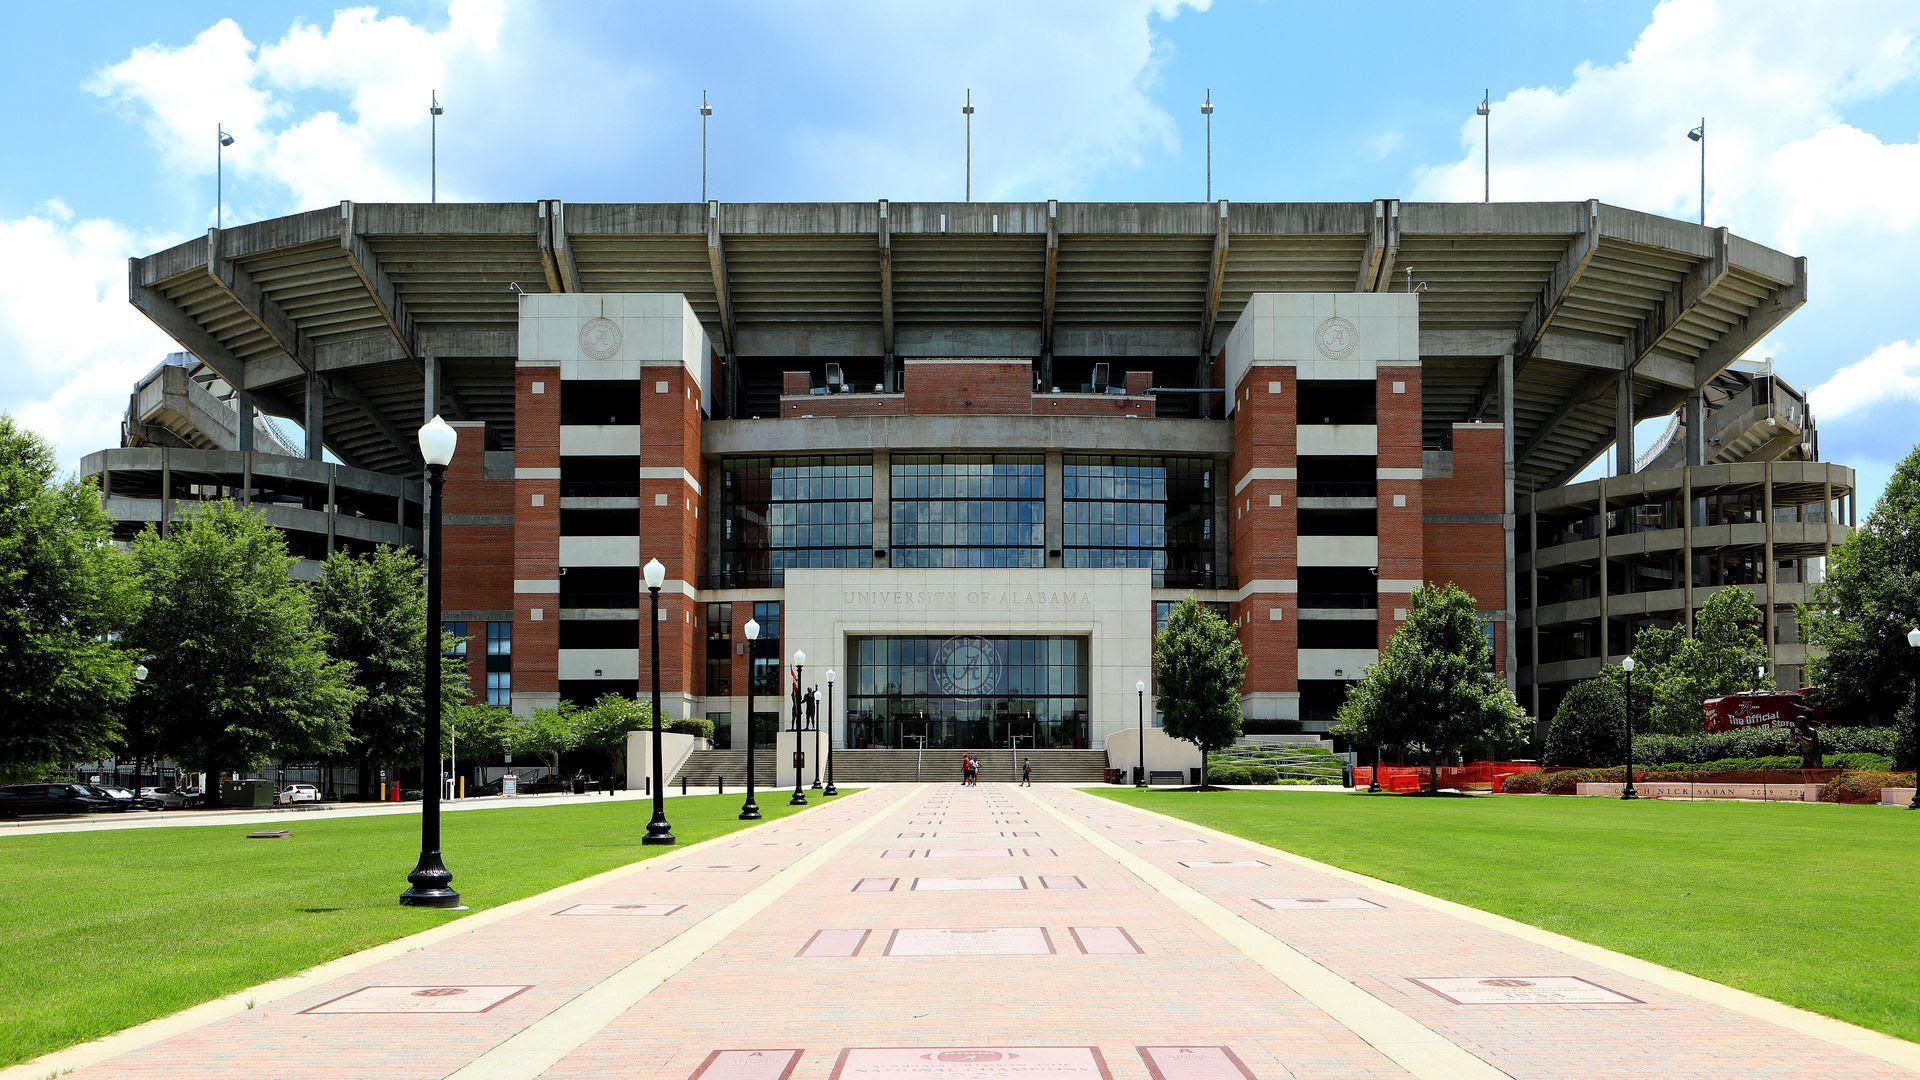 Alabama football stadium